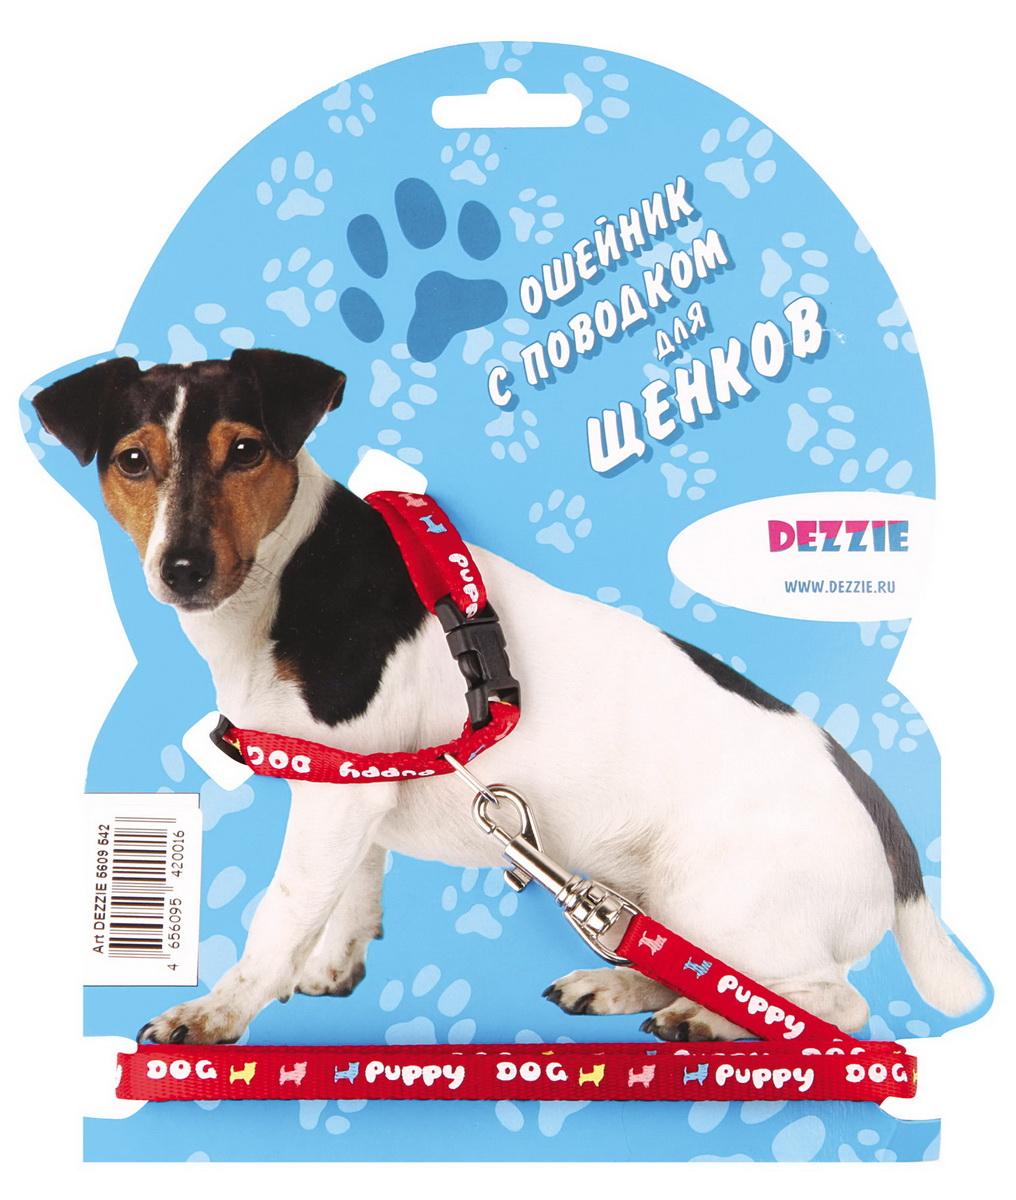 Комплект для прогулки для щенков Dezzie, цвет: красный0120710Комплект для щенков Dezzie состоит из ошейника и поводка. Изделия изготовлены из нейлона. Надежная конструкция обеспечит вашему четвероногому другу комфортную и безопасную прогулку.